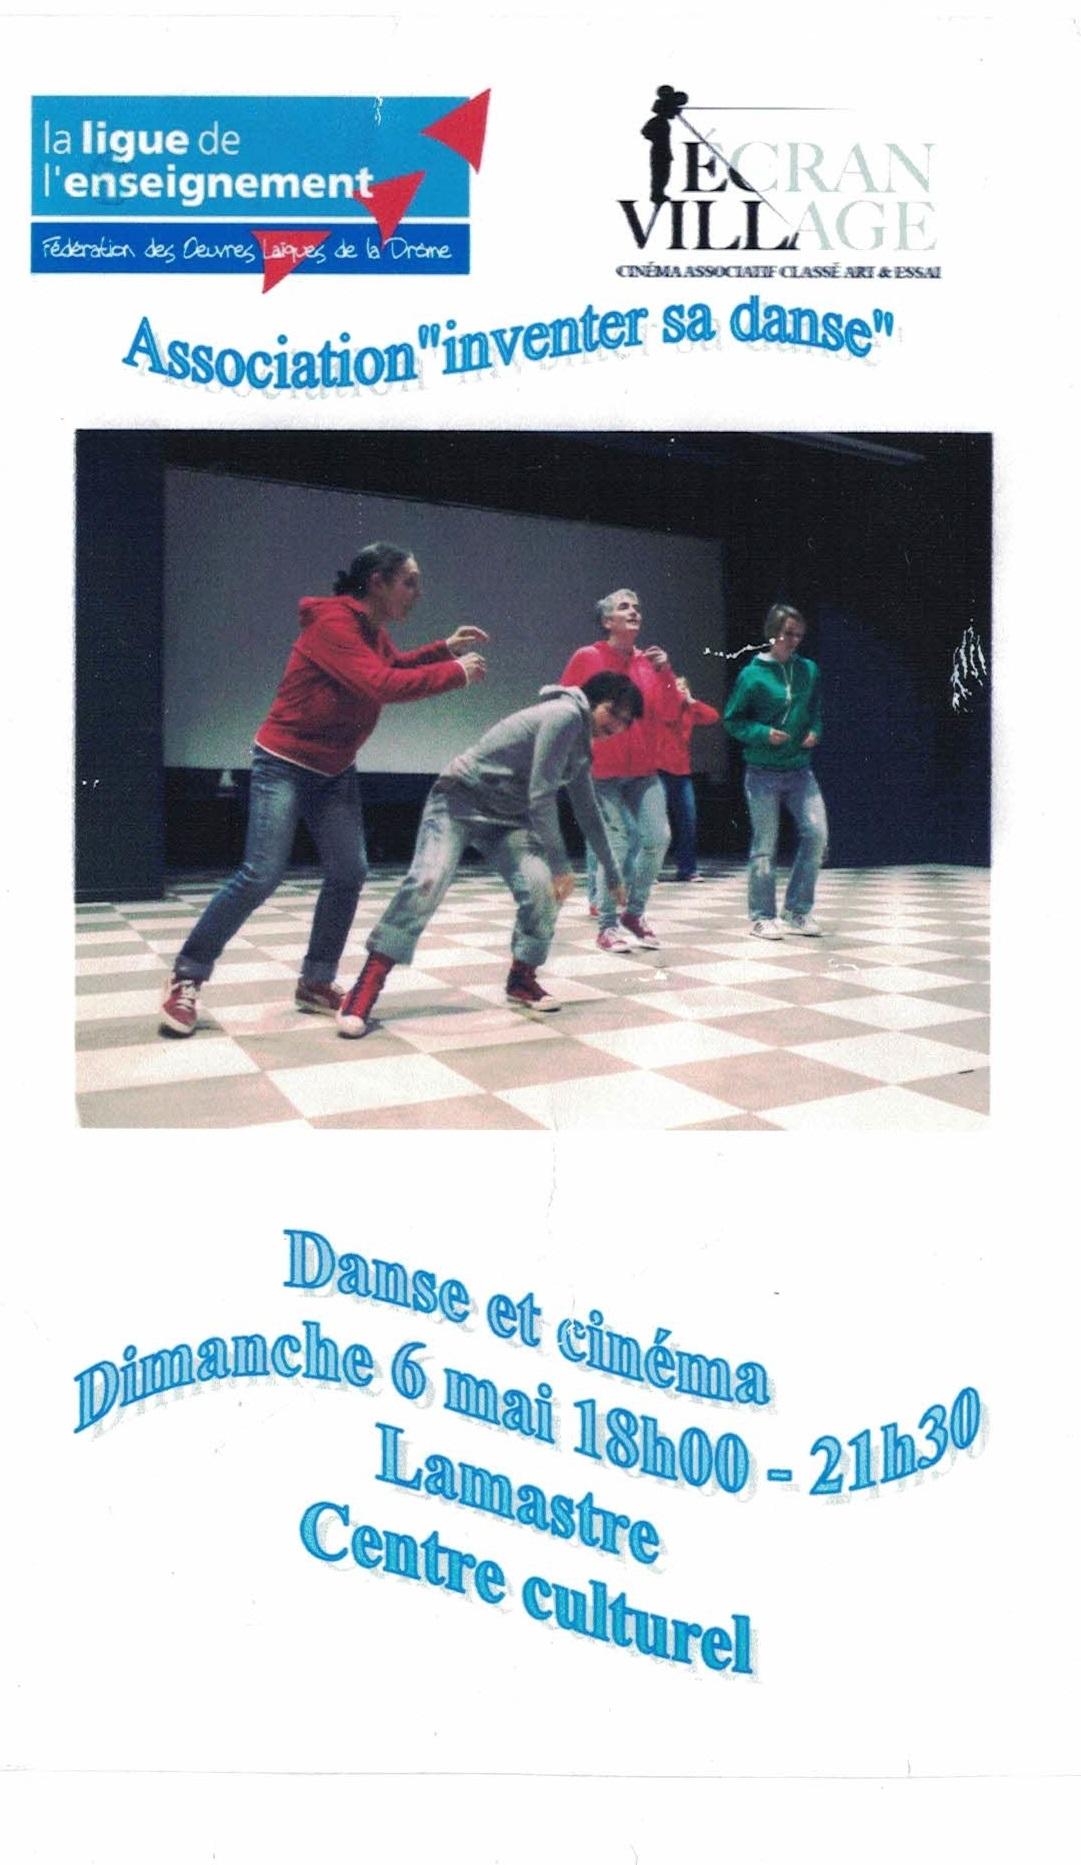 danse avril lamastre inventer danse tissier cavala 2018